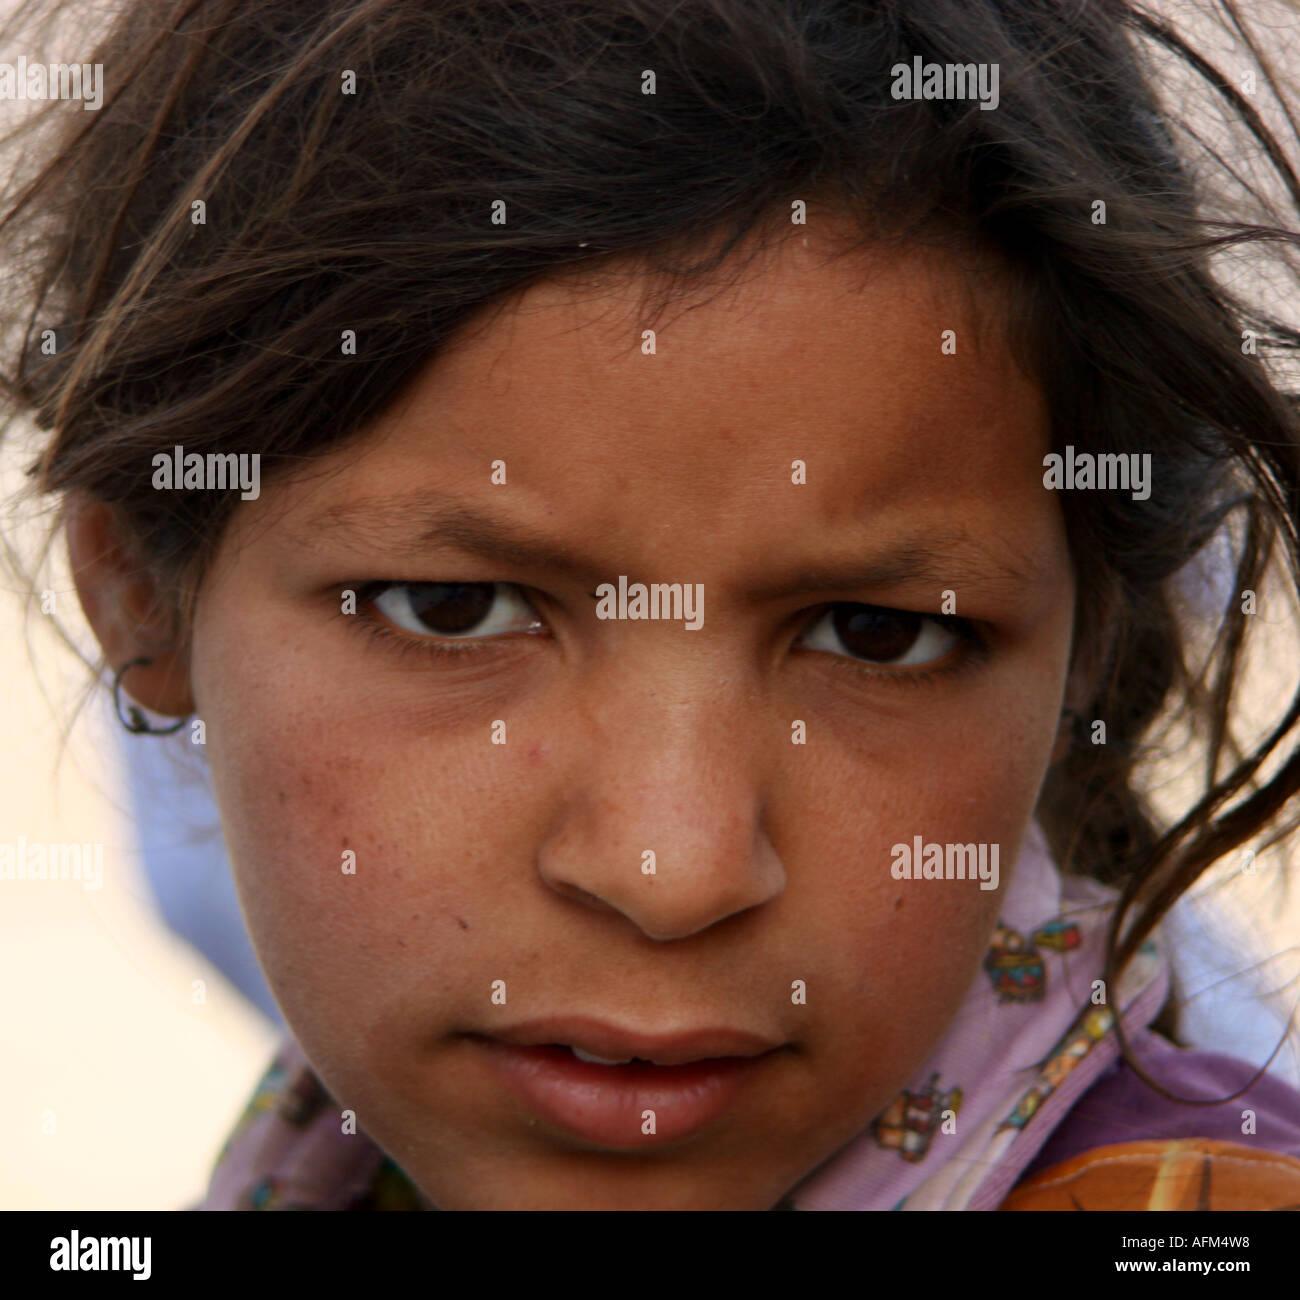 BEDOUIN GIRL - Stock Image